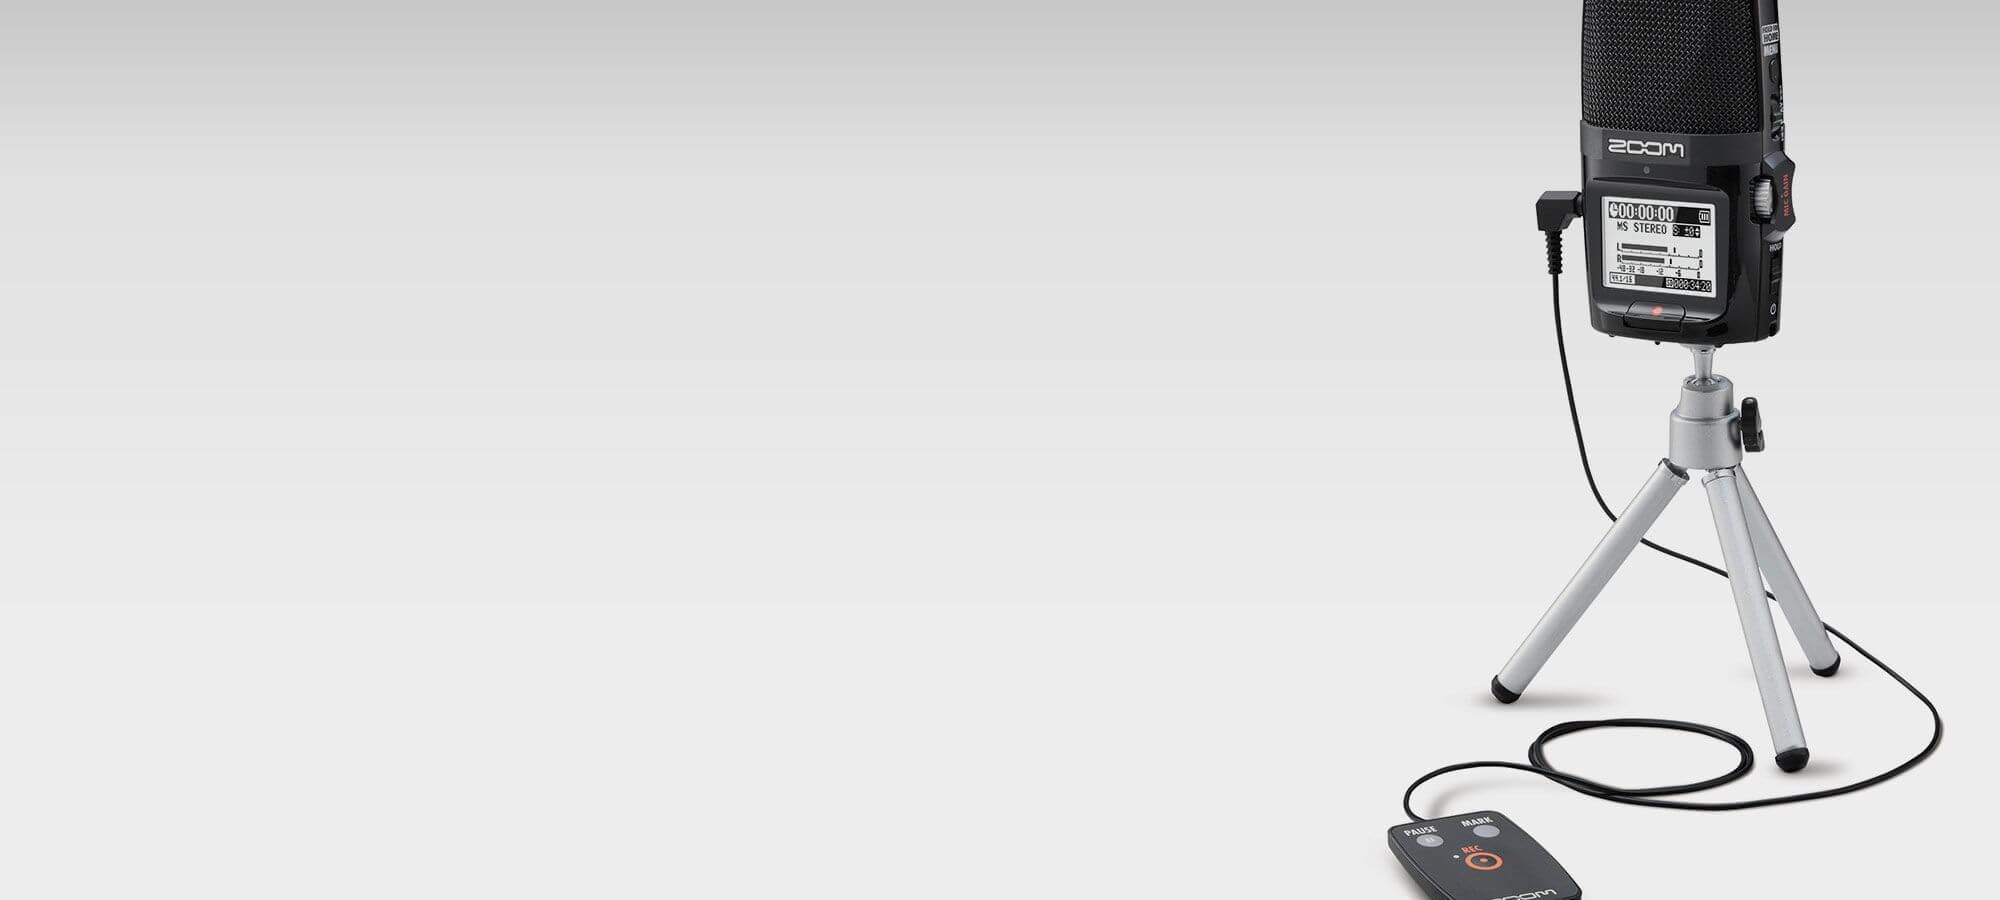 ZOOM H2N 2GB 录音笔 4种麦克风可调 USB声卡